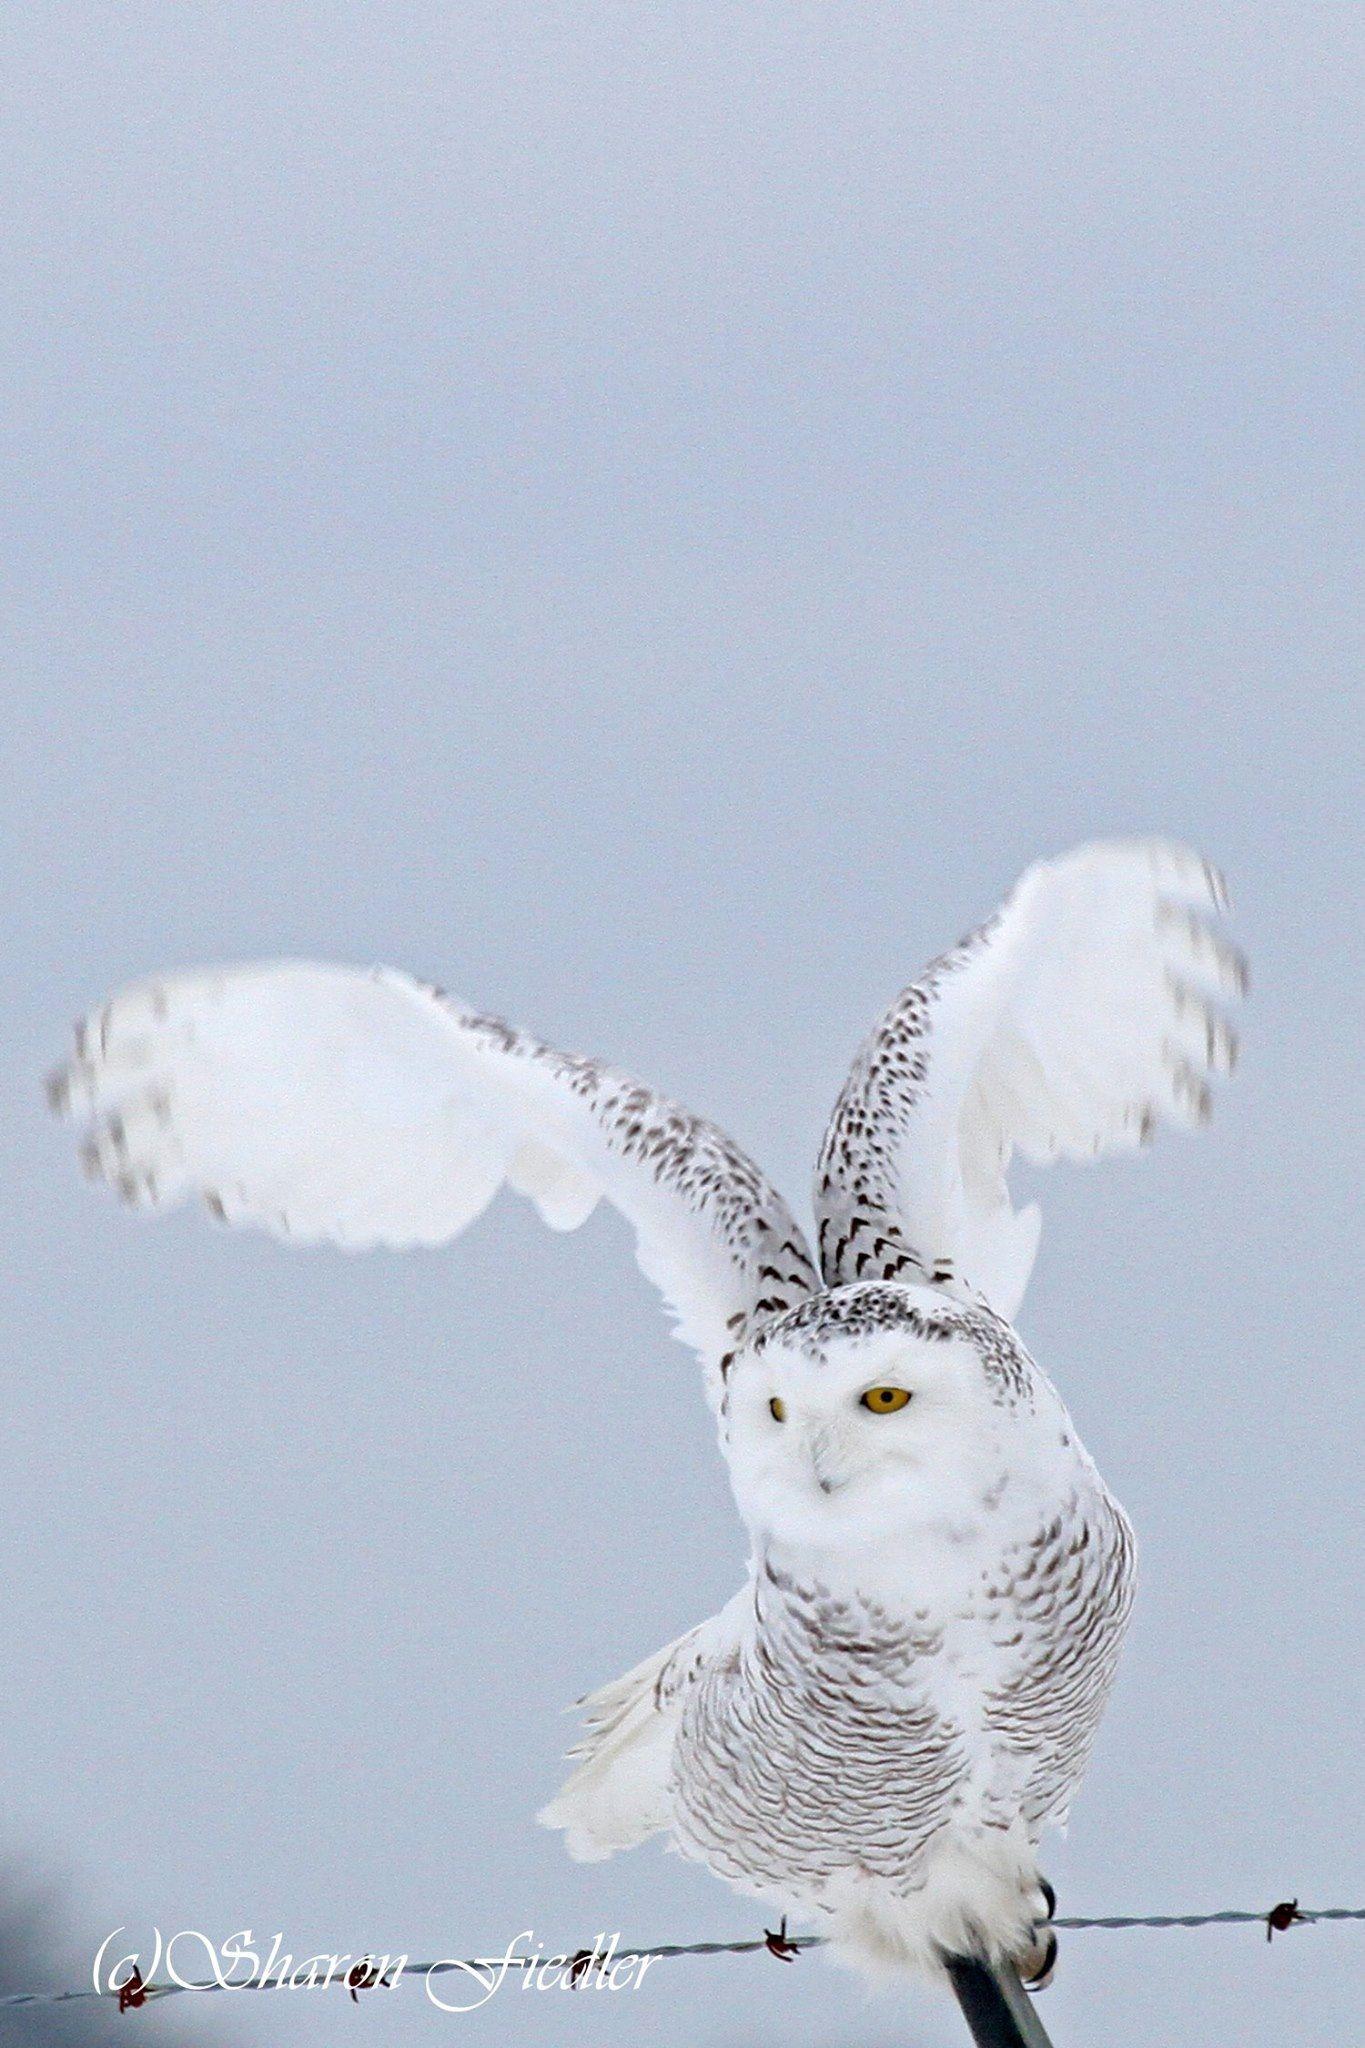 Snowy owl Snowy owl, Owl, Snowy